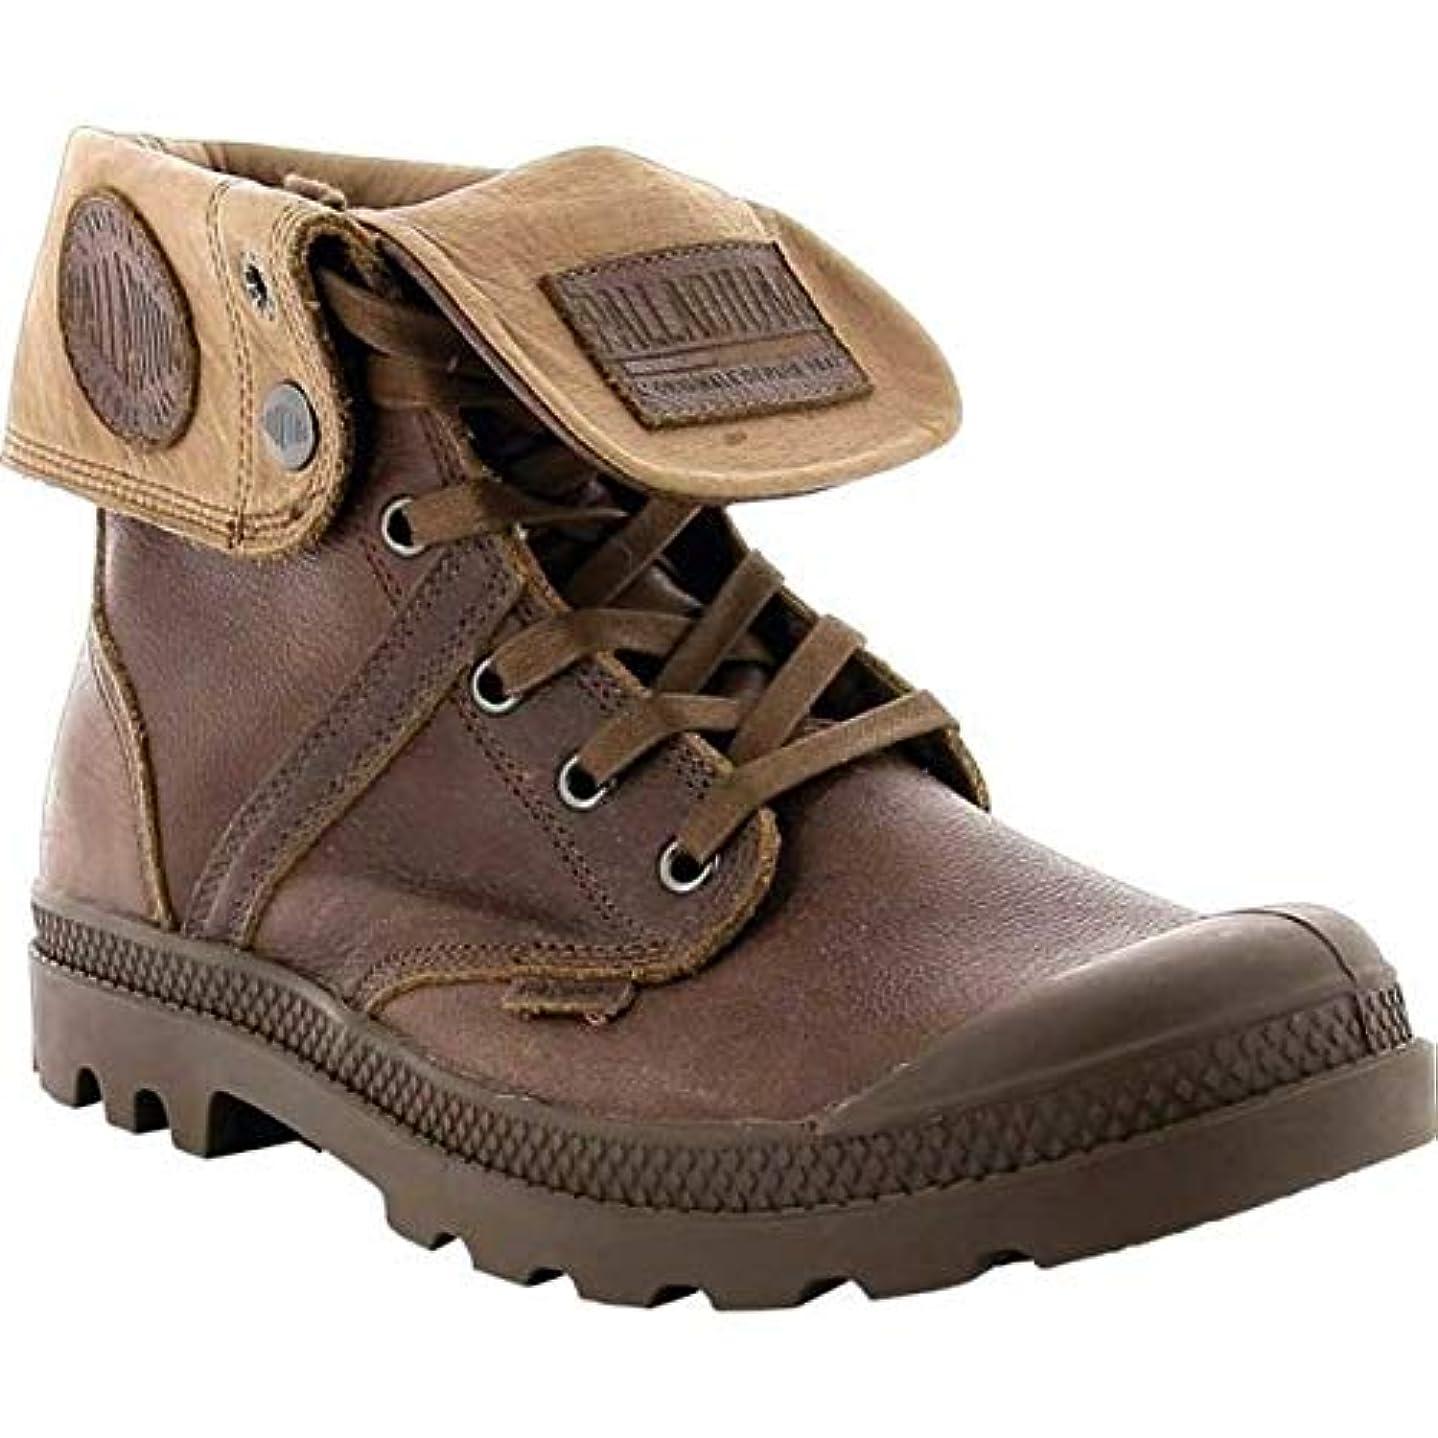 疑わしい国際電卓[パラディウム] レディース ブーツ&レインブーツ Pallabrouse Baggy L2 Ankle Boot [並行輸入品]